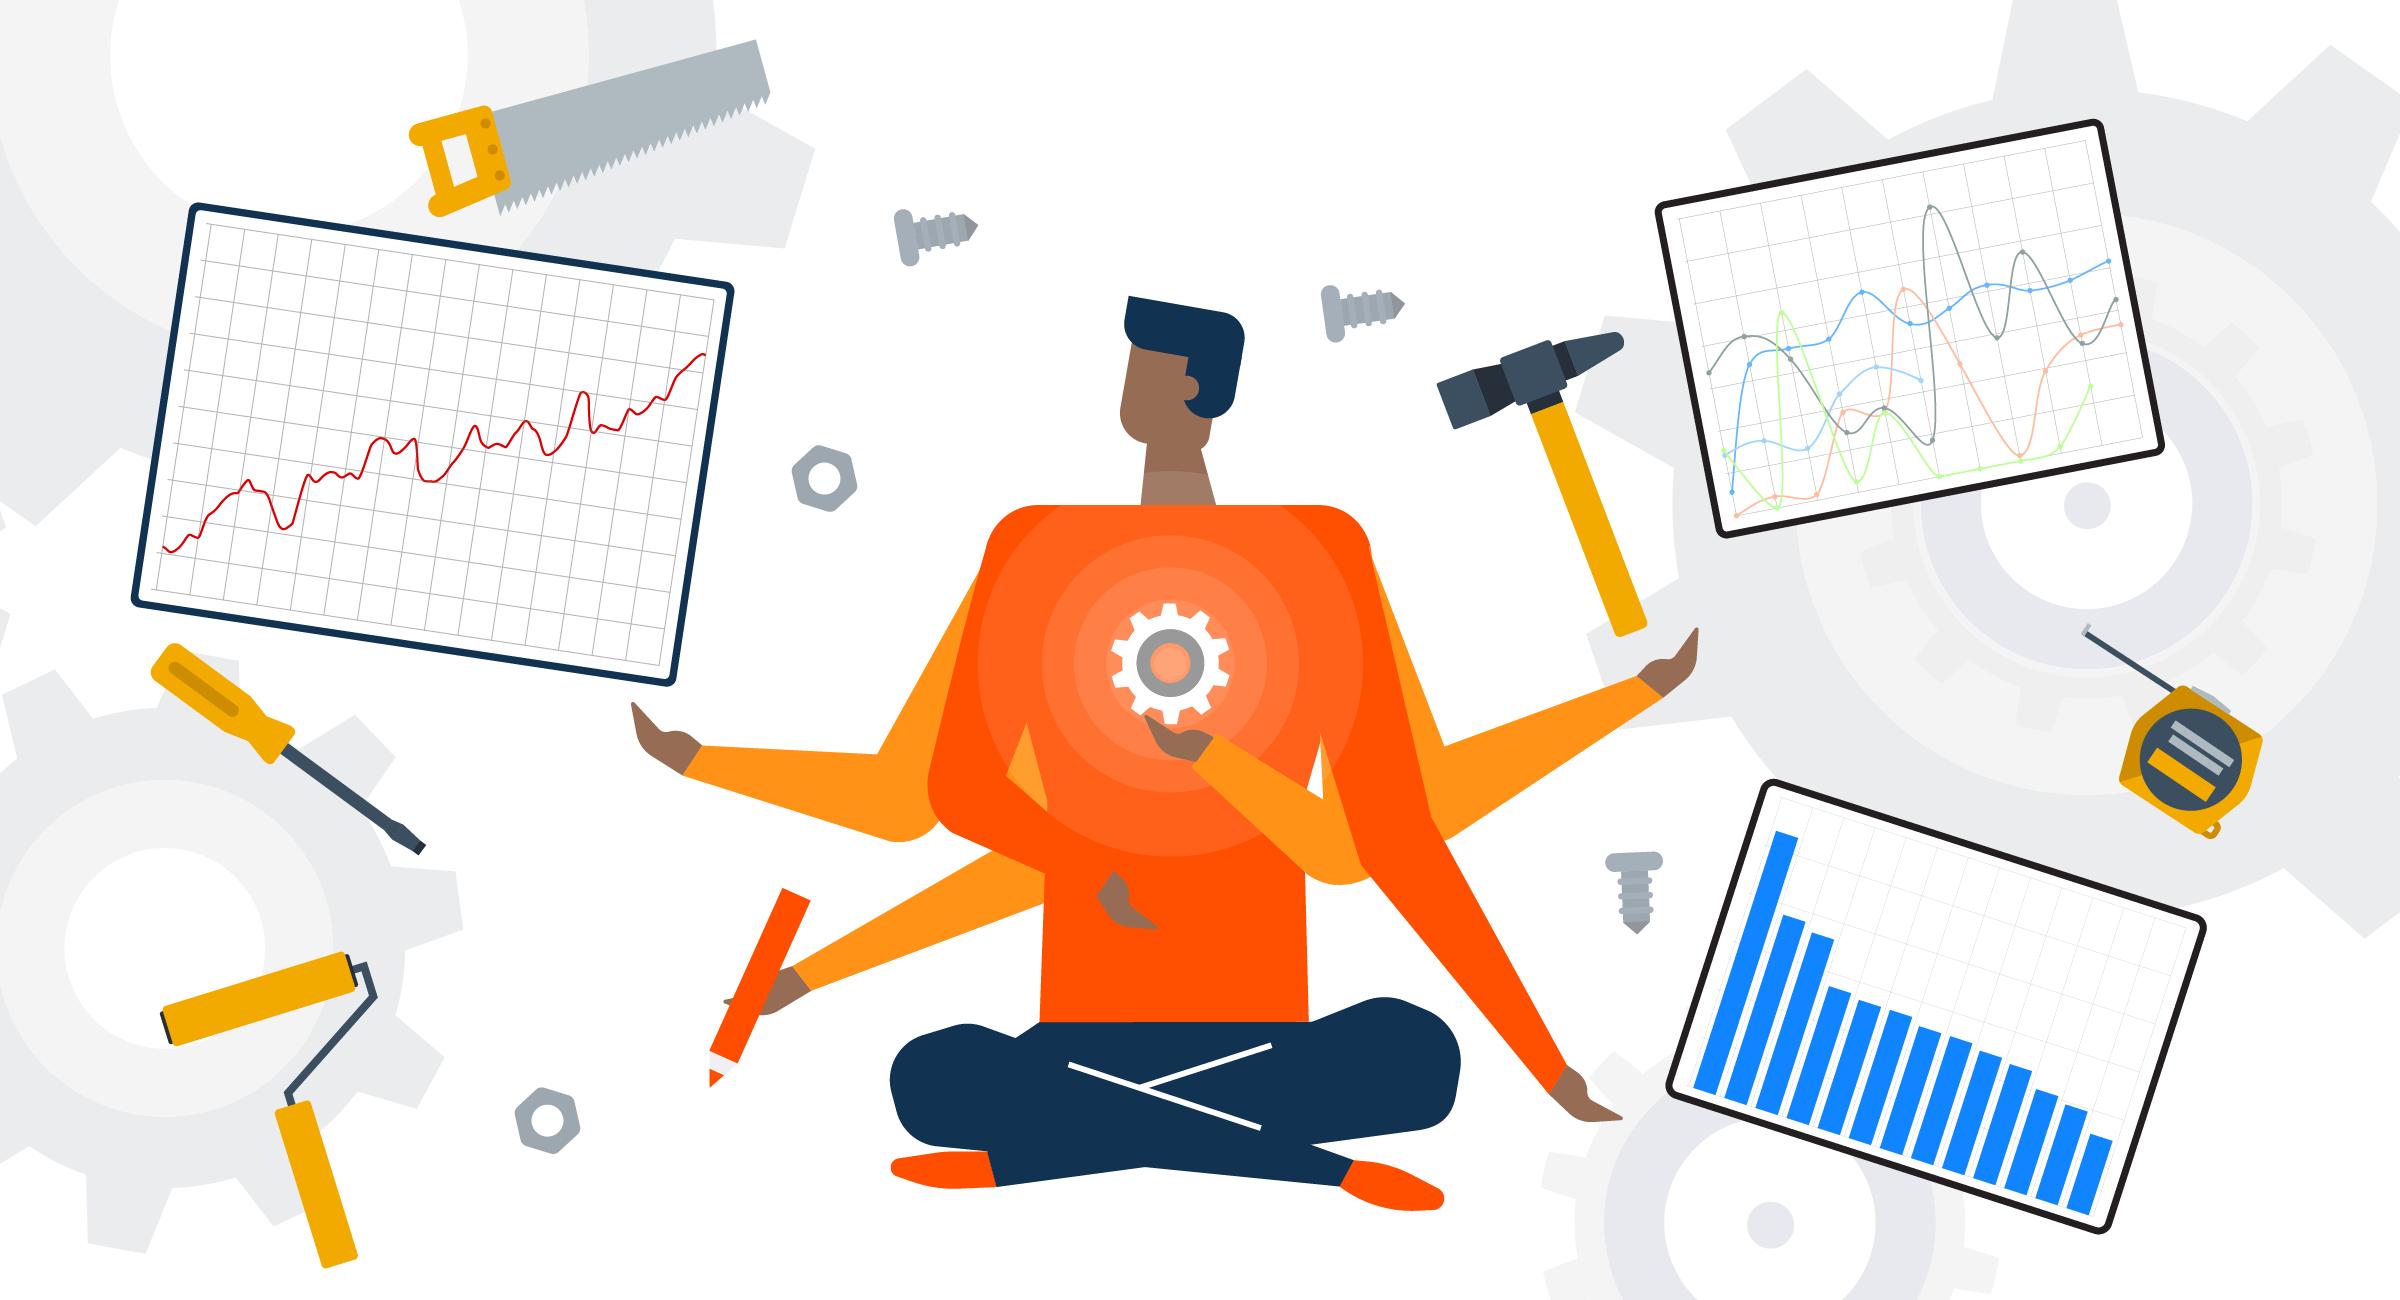 API-First Product Managers' Popular API Tools and API Metrics